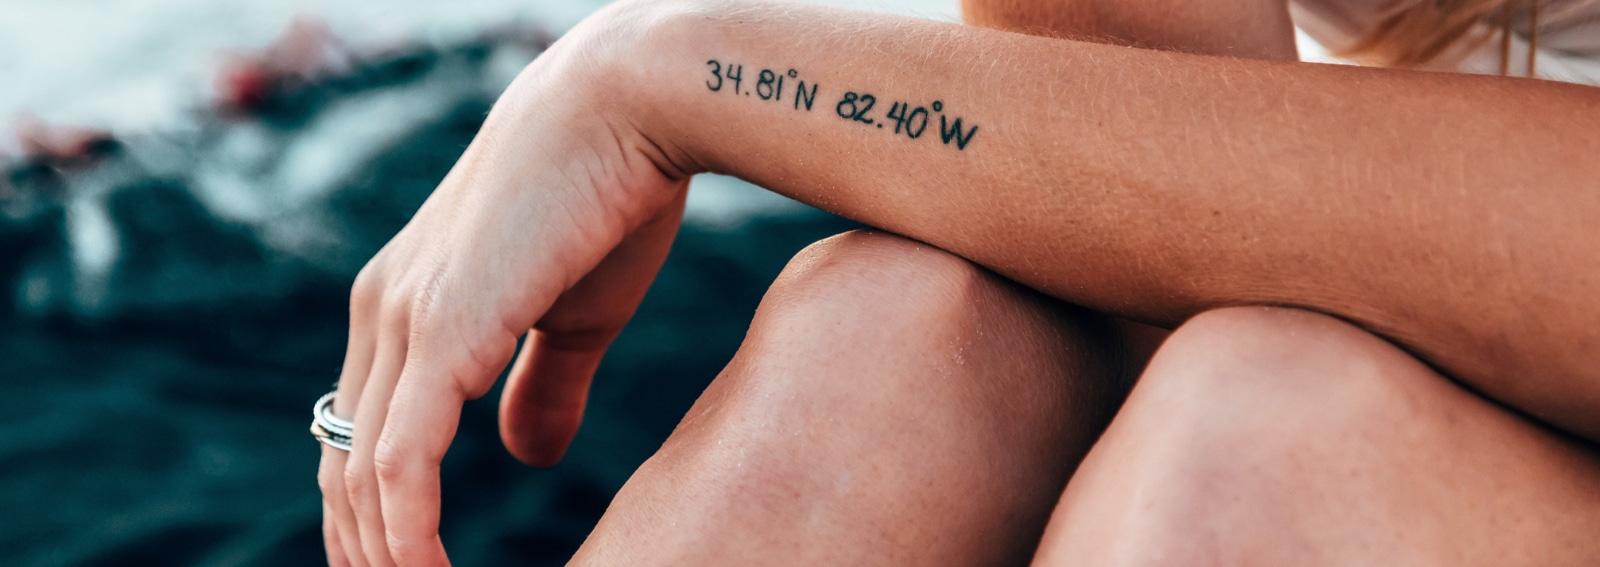 proteggere tatuaggi sole-f